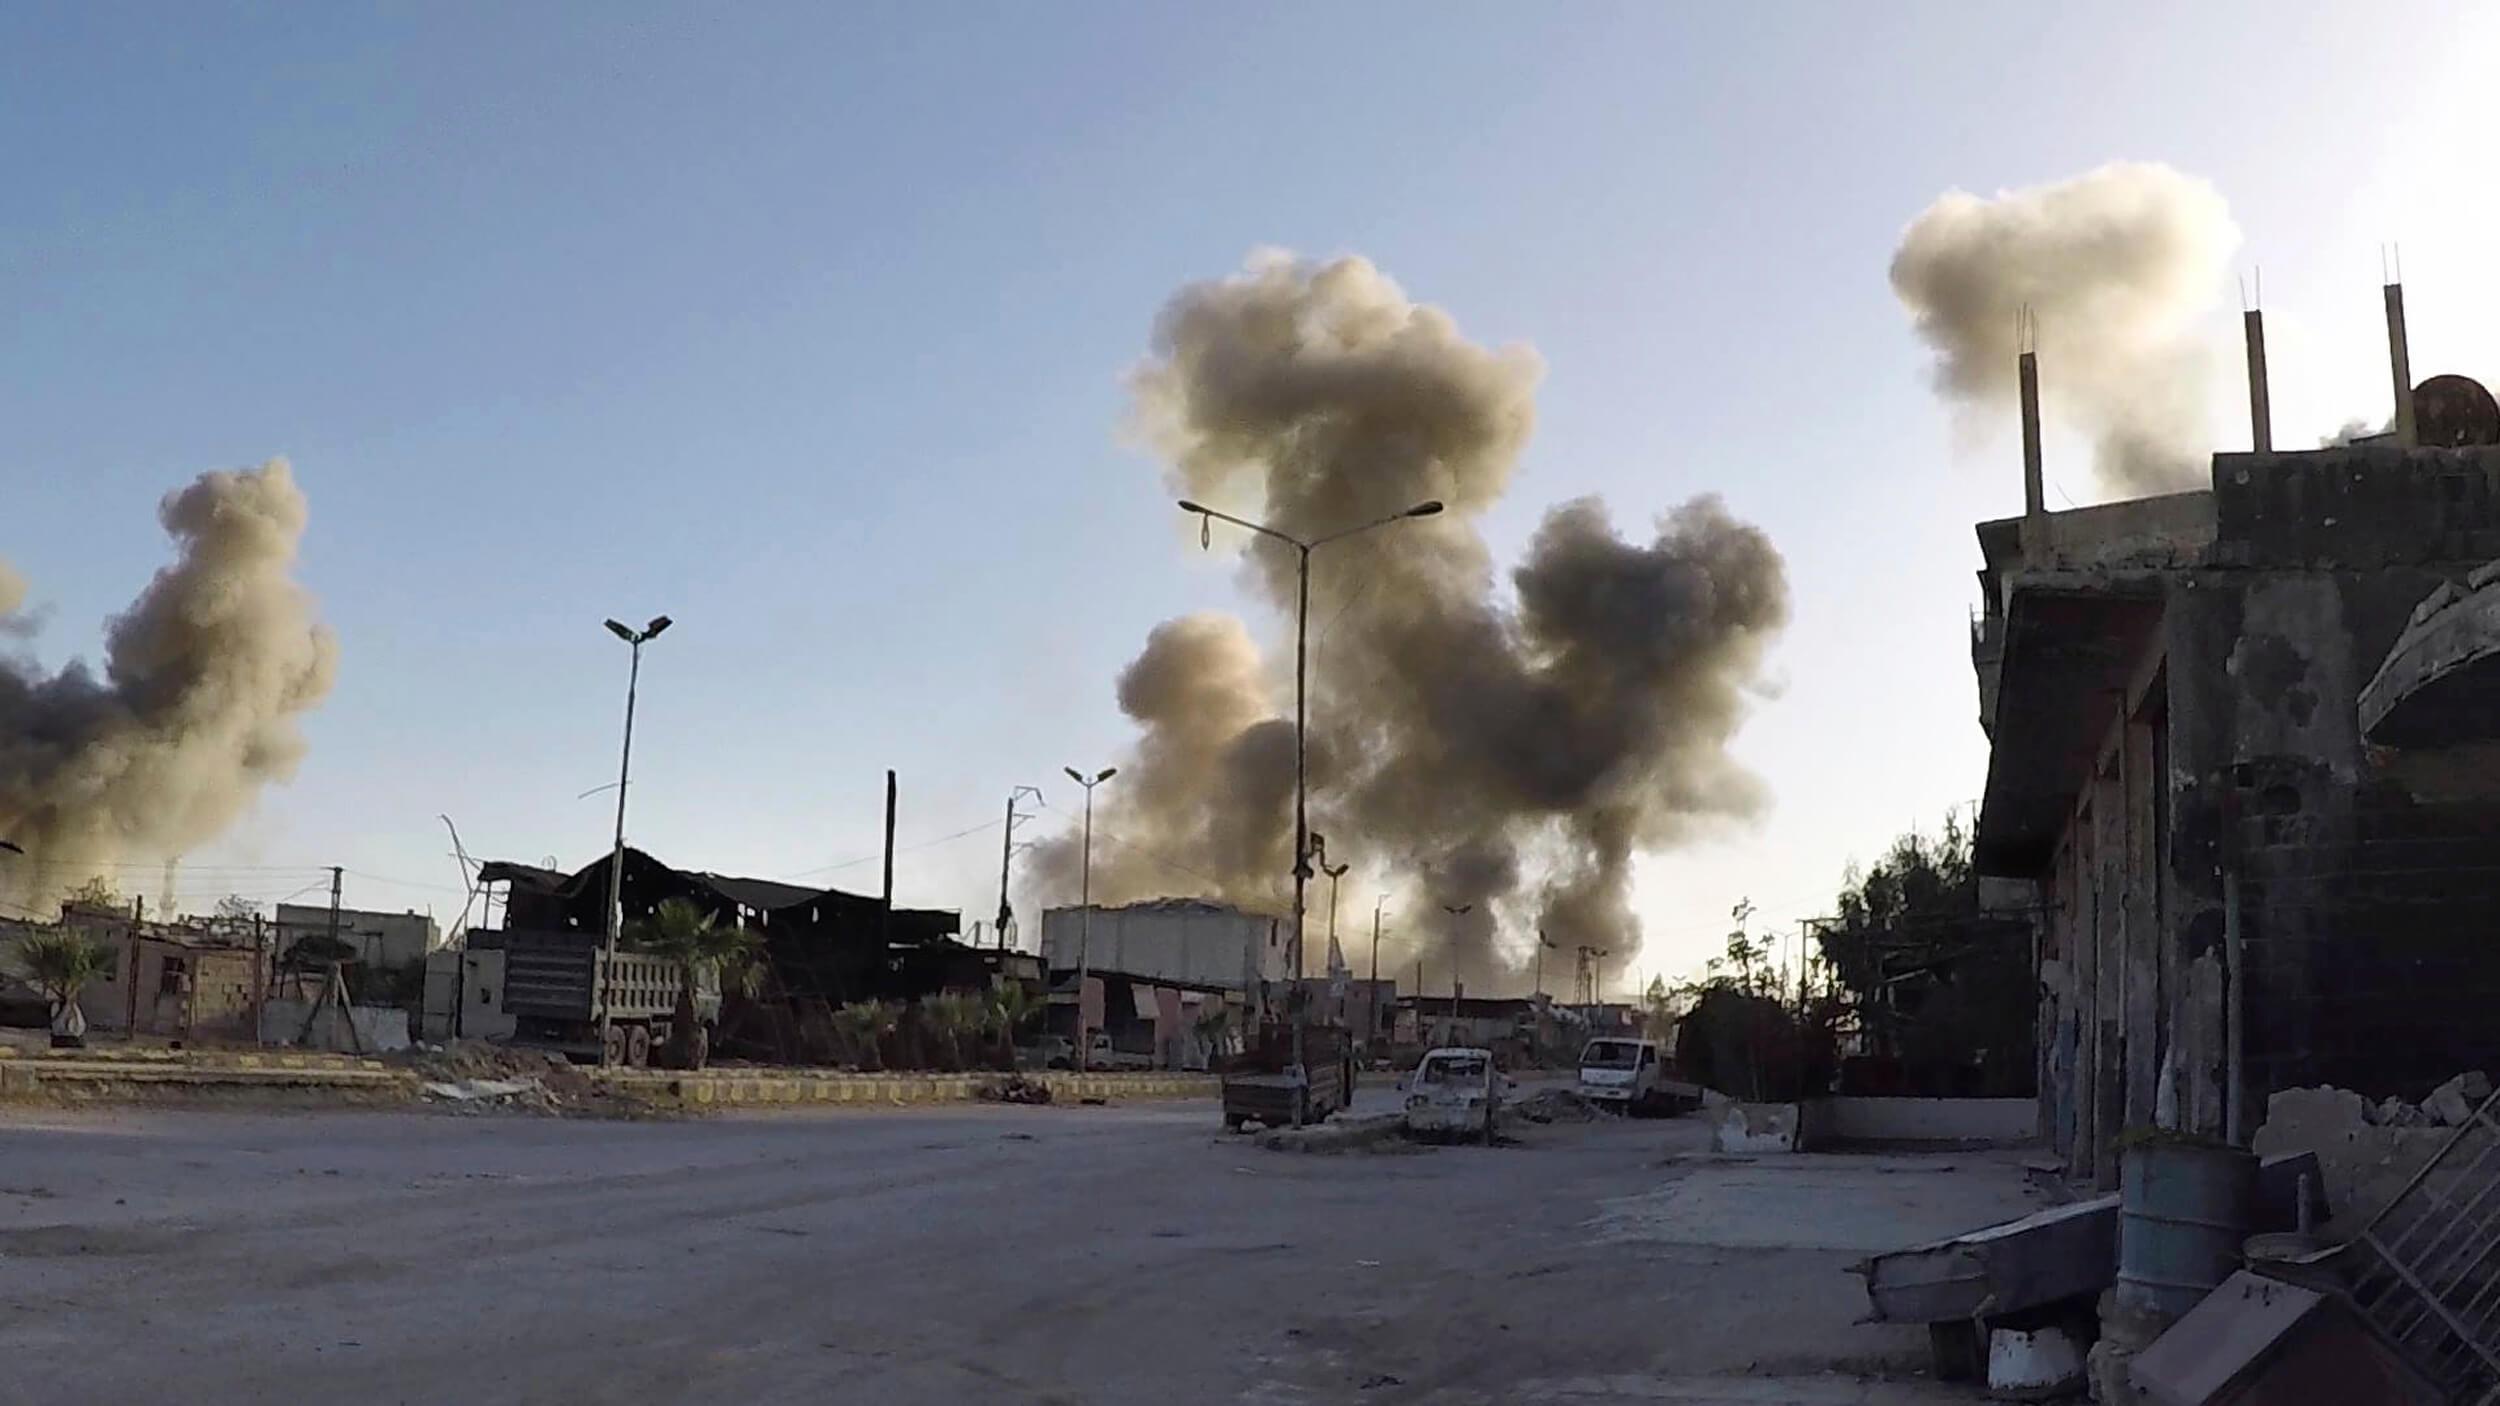 Advierten a aerolíneas sobre posible acción militar en Siria